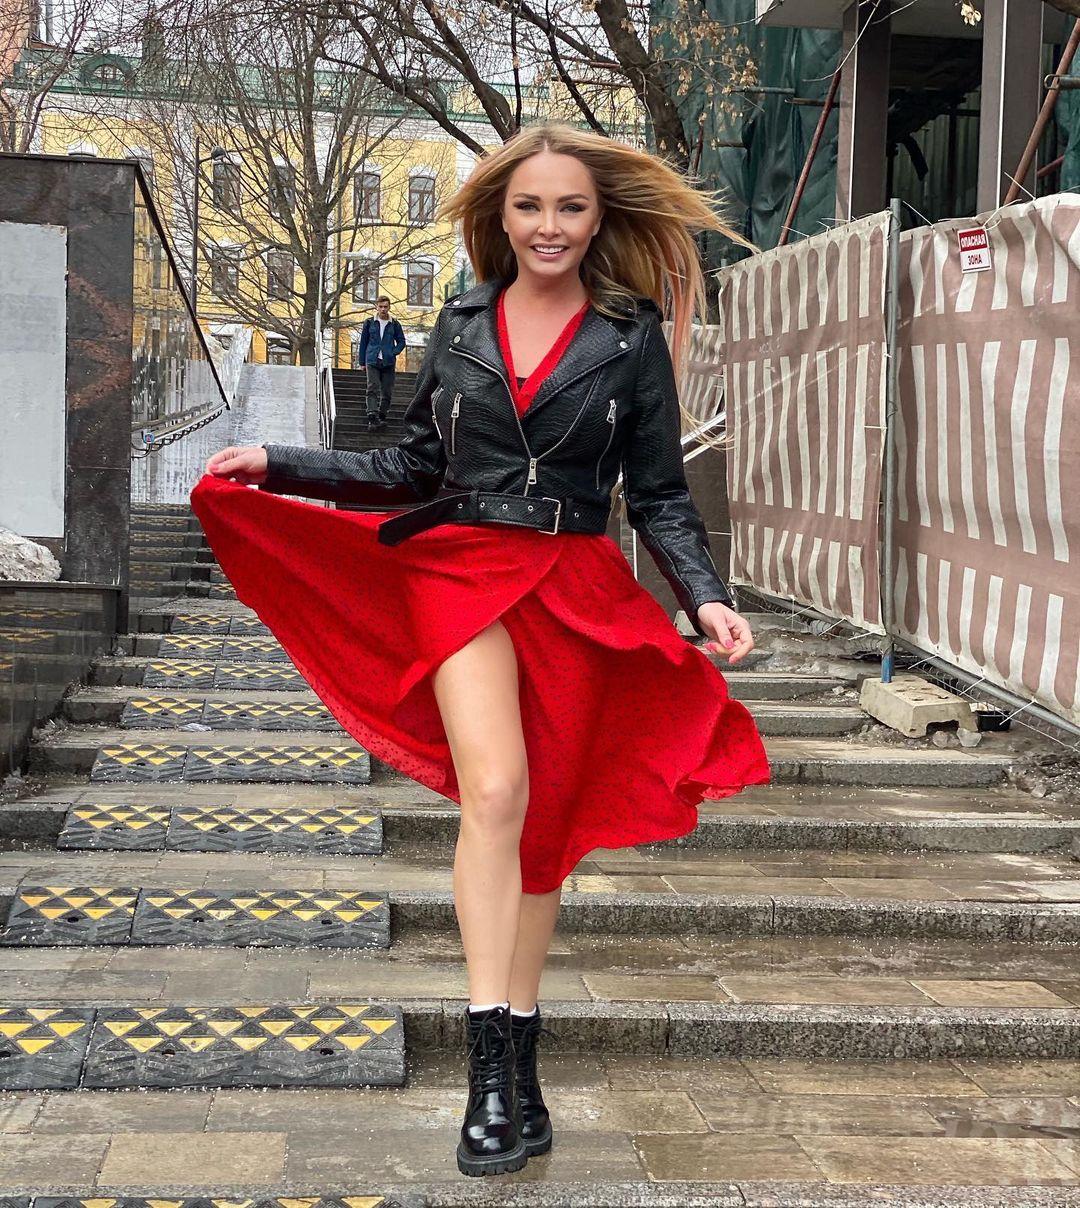 Рейтинг дня: Дарья Пынзарь прогулялась около московской стройки в эффектном платье с запахом